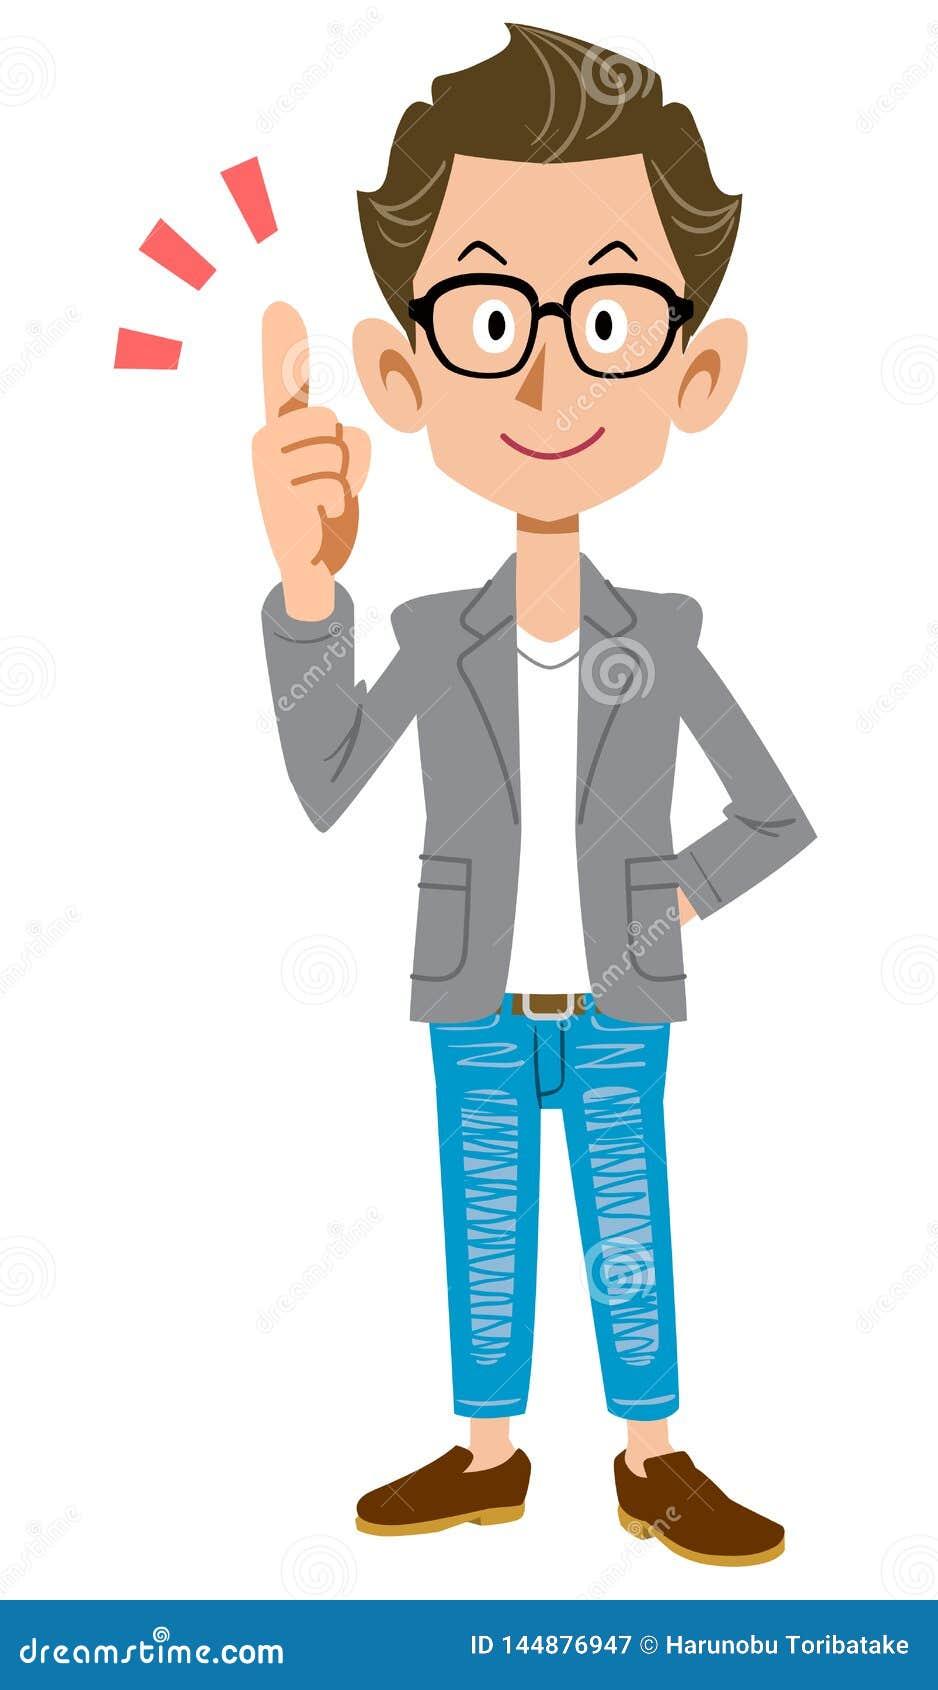 Skapare-som den unga mannen som bär ett omslag som förklarar de huvudsakliga punkterna